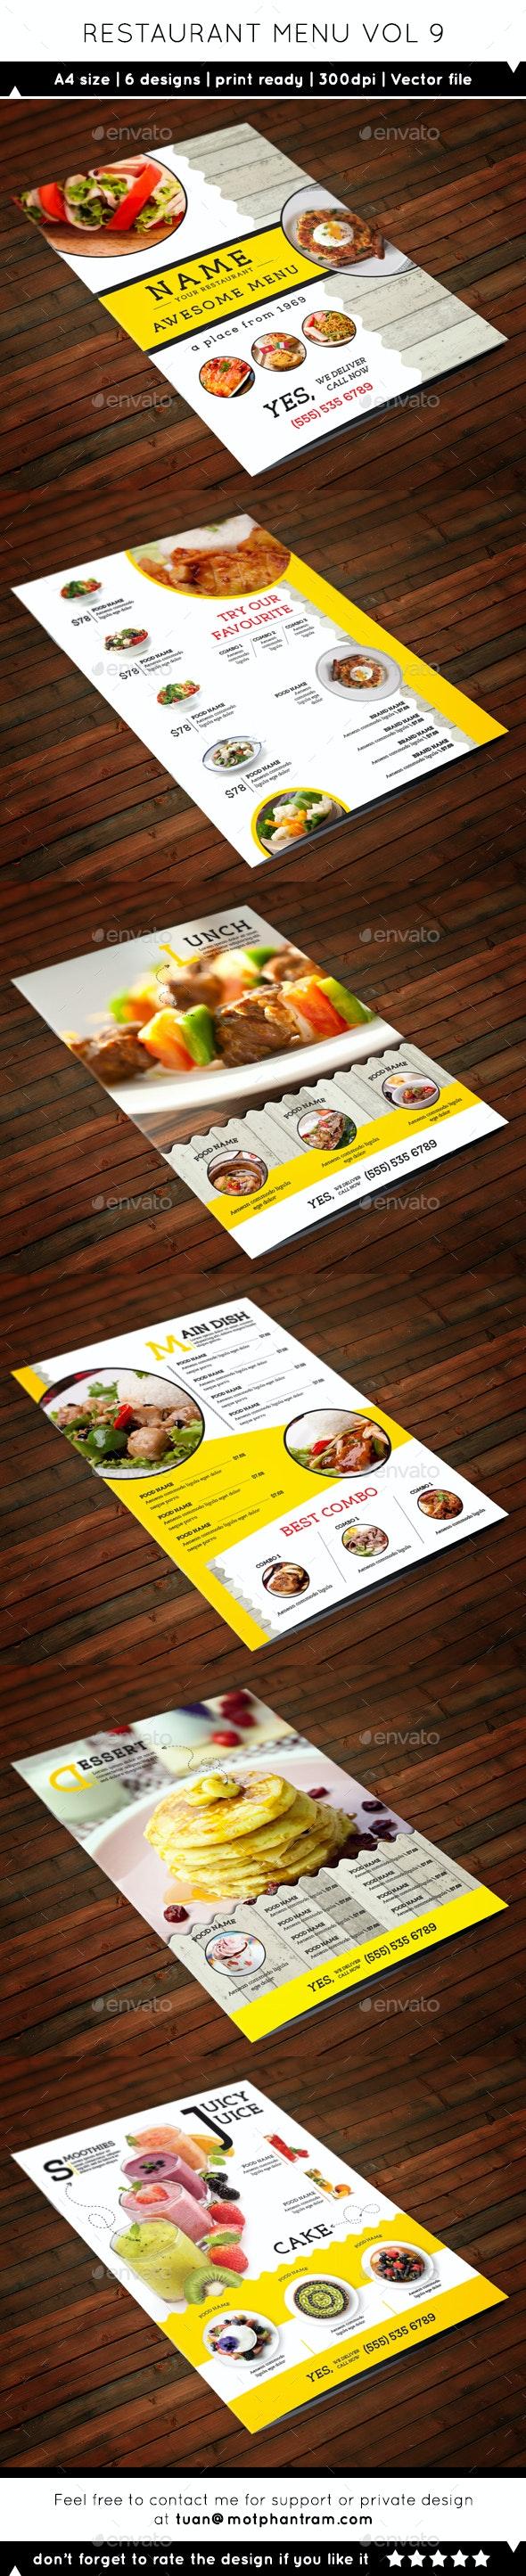 Restaurant Menu A4 Vol9 - Food Menus Print Templates